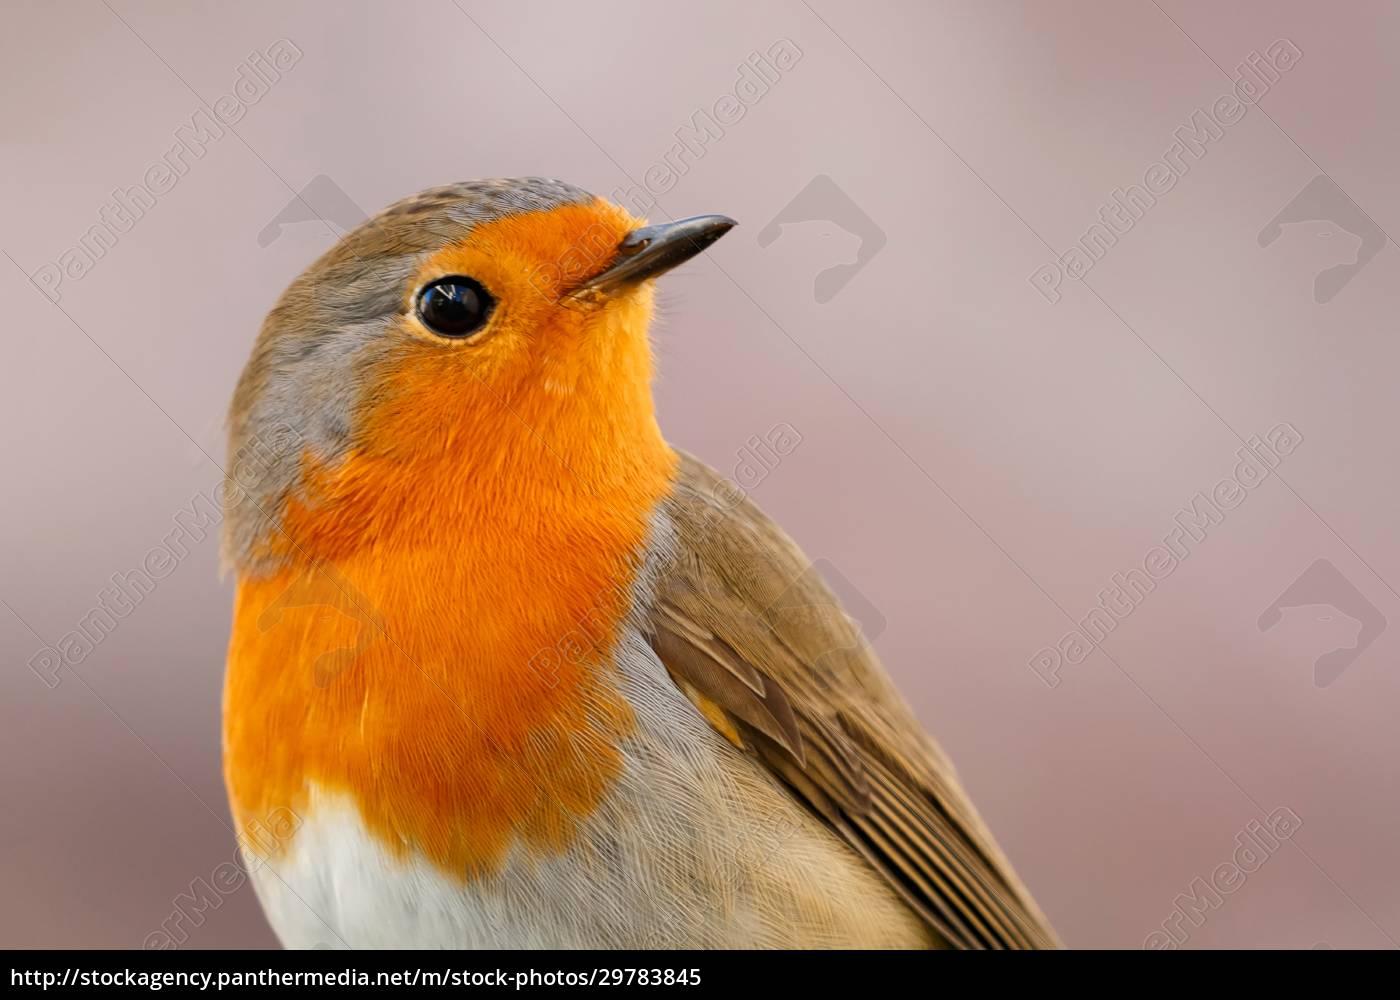 pretty, bird, with, a, nice, orange - 29783845